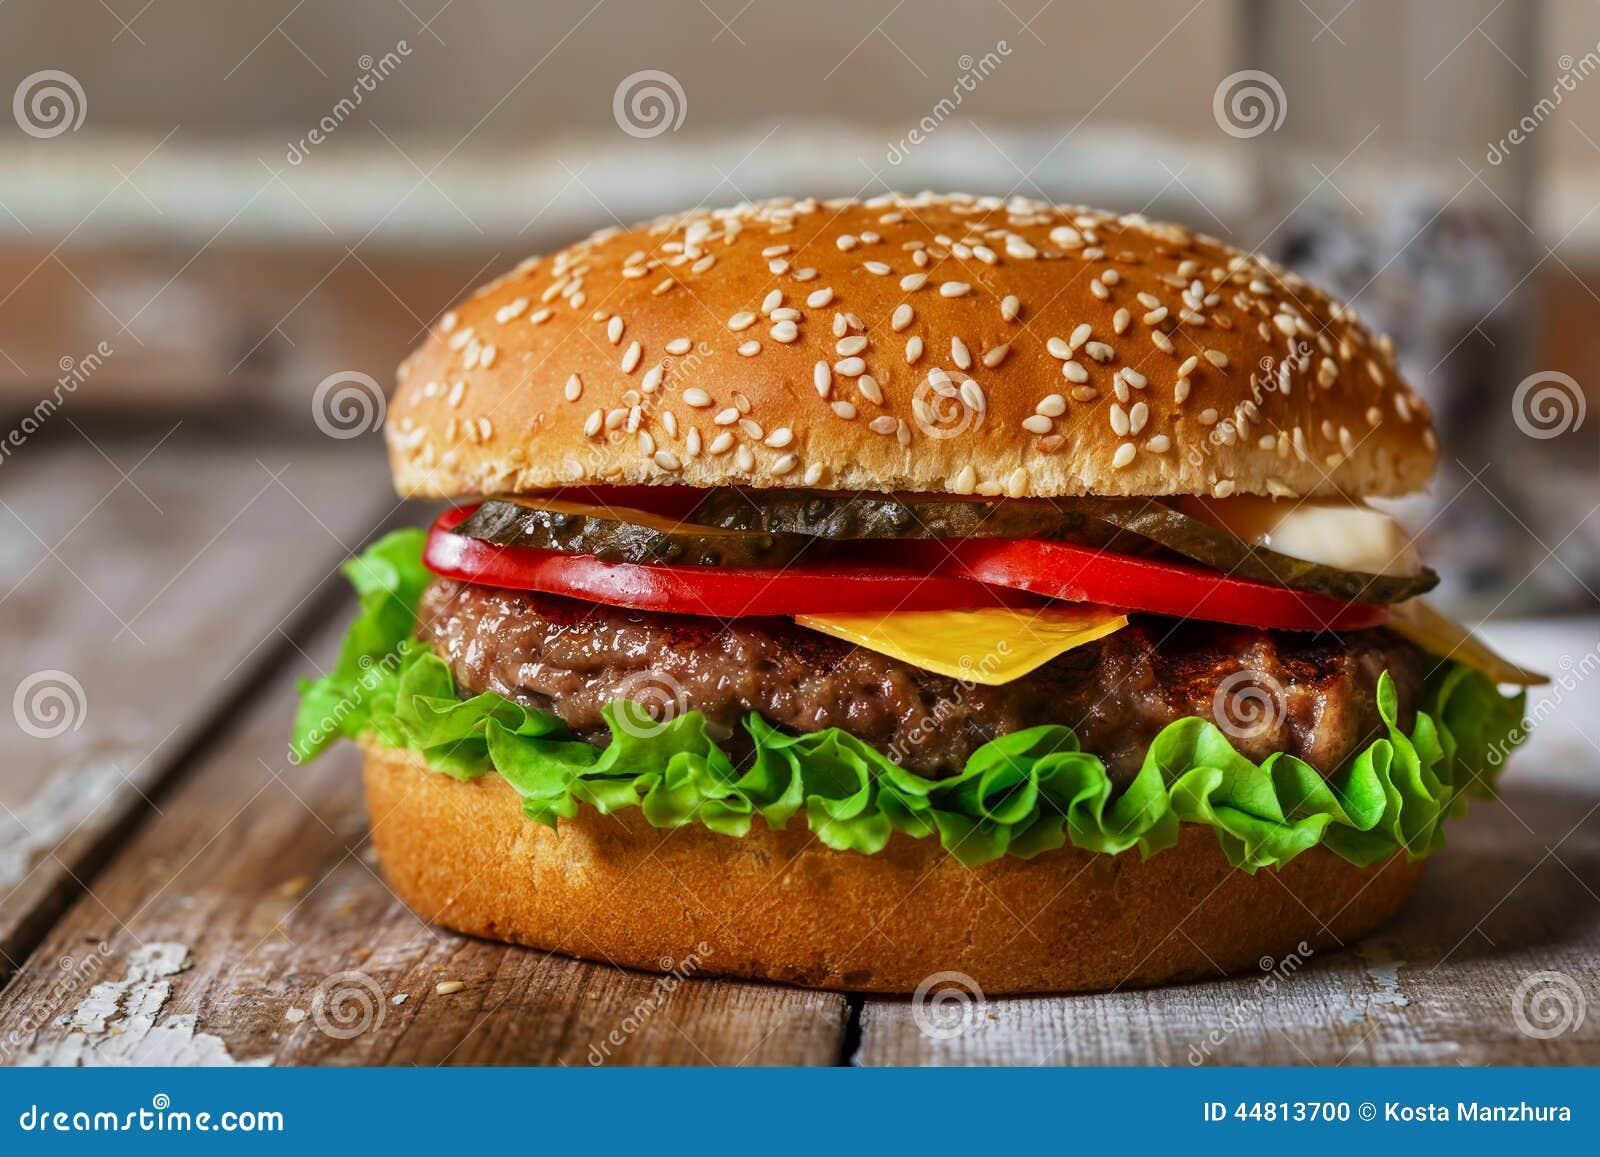 Hamburguesa con la chuleta asada a la parrilla